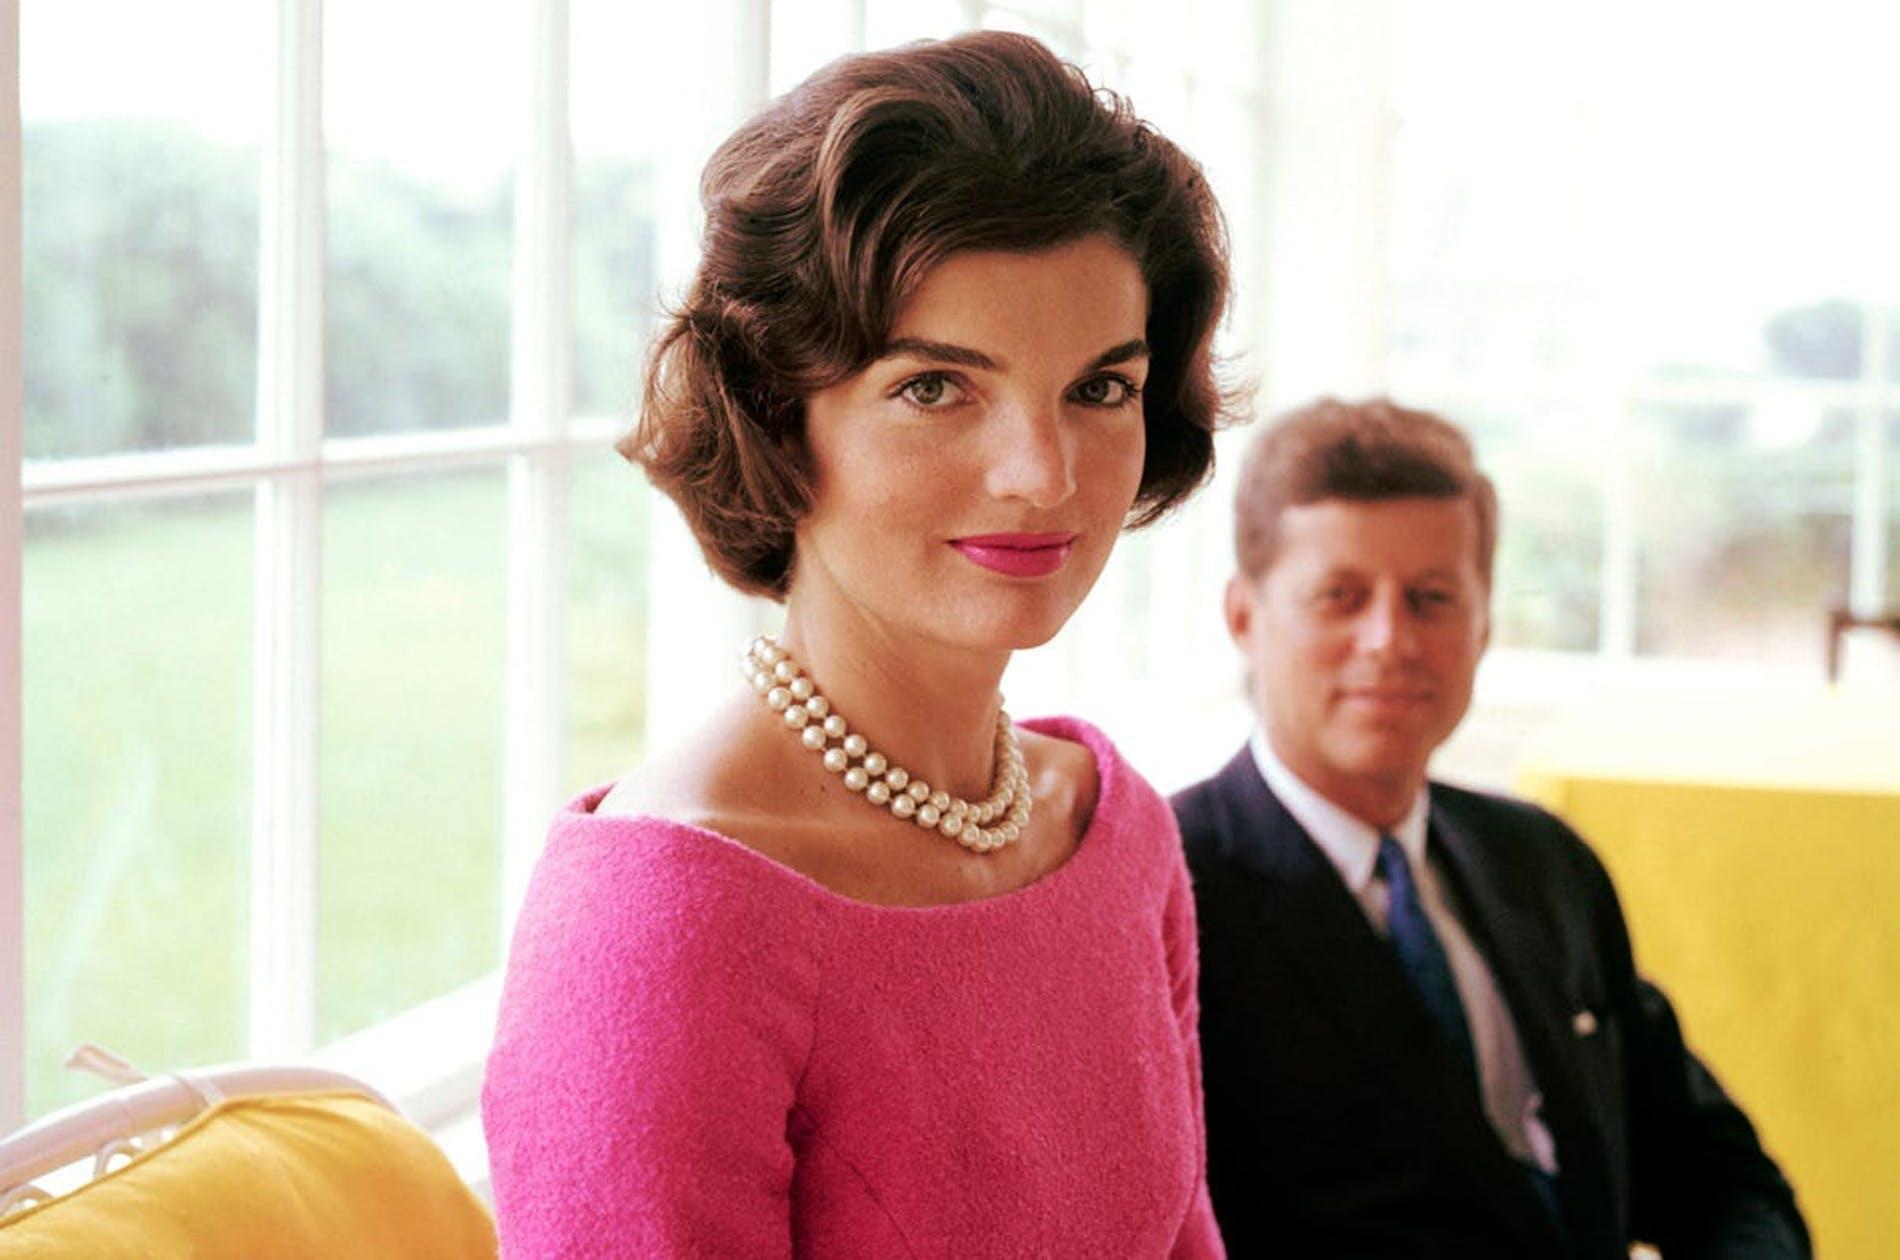 Túi xách đặt theo tên đẹ nhát phu nhân Mỹ Jakcie Kennedy